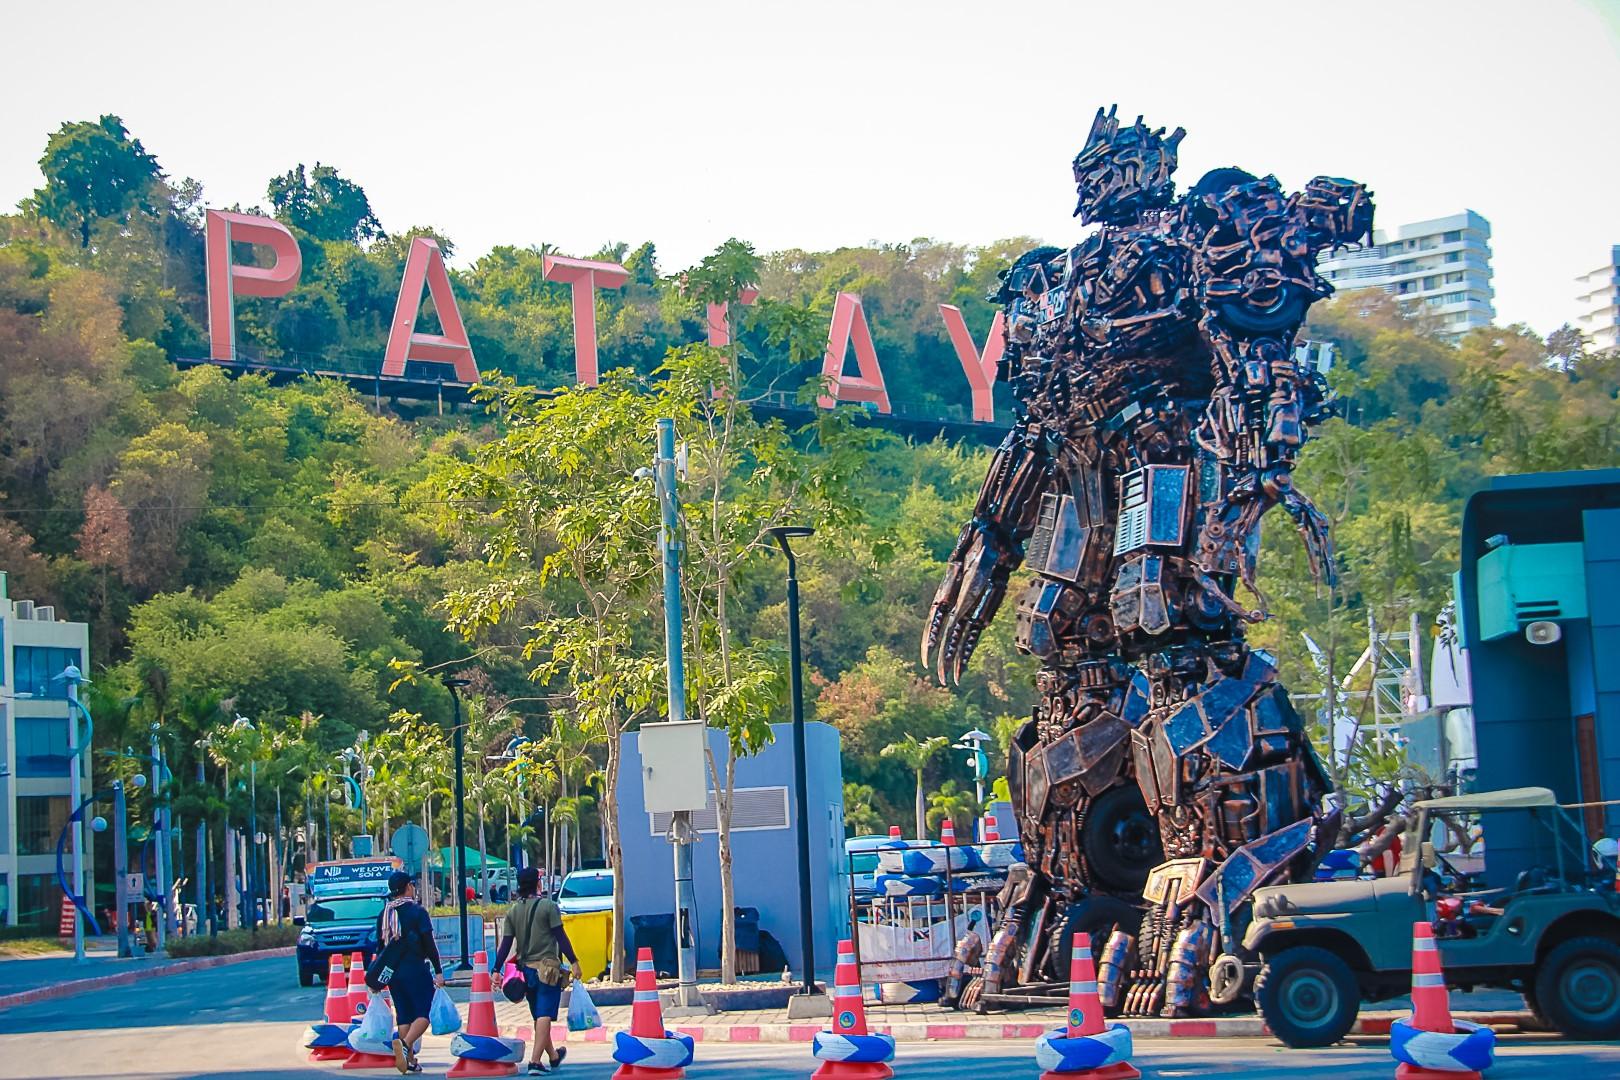 ทรานฟอร์เมอร์  บุกแหลมบาลีฮาย ร่วมนับเวลาถอยหลังงาน Pattaya Countdown 2020